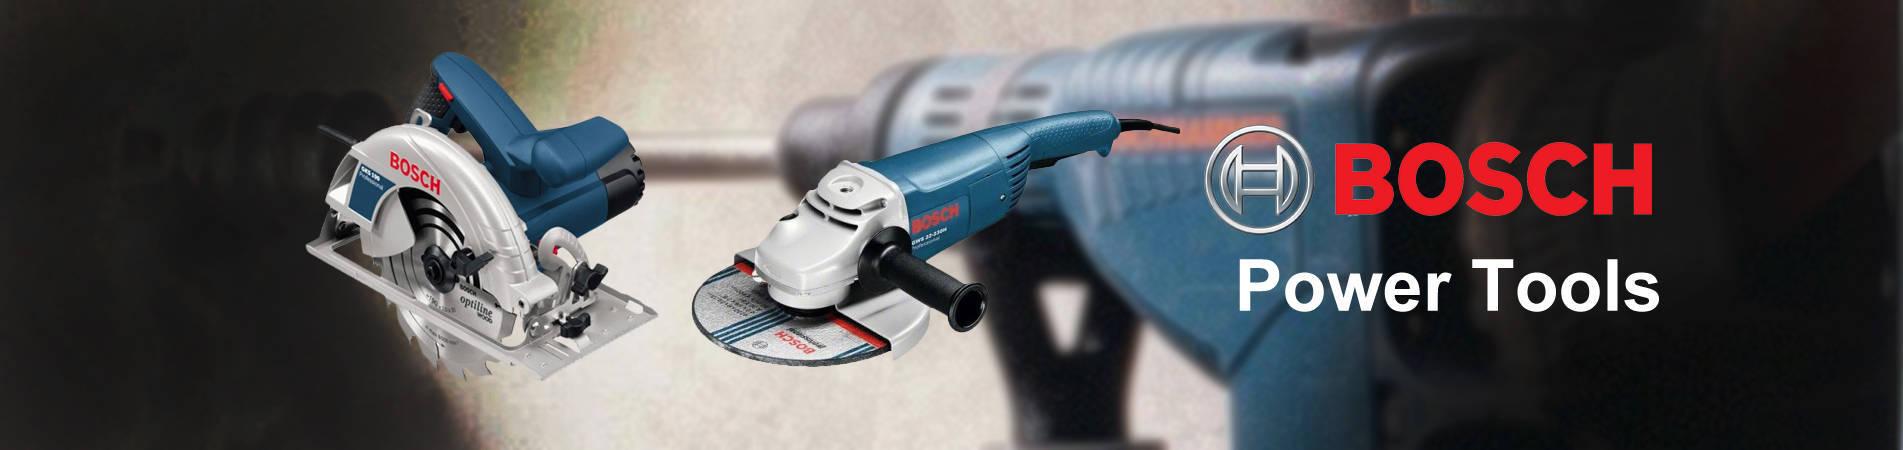 Đại lý Bosch chính hãng giá rẻ